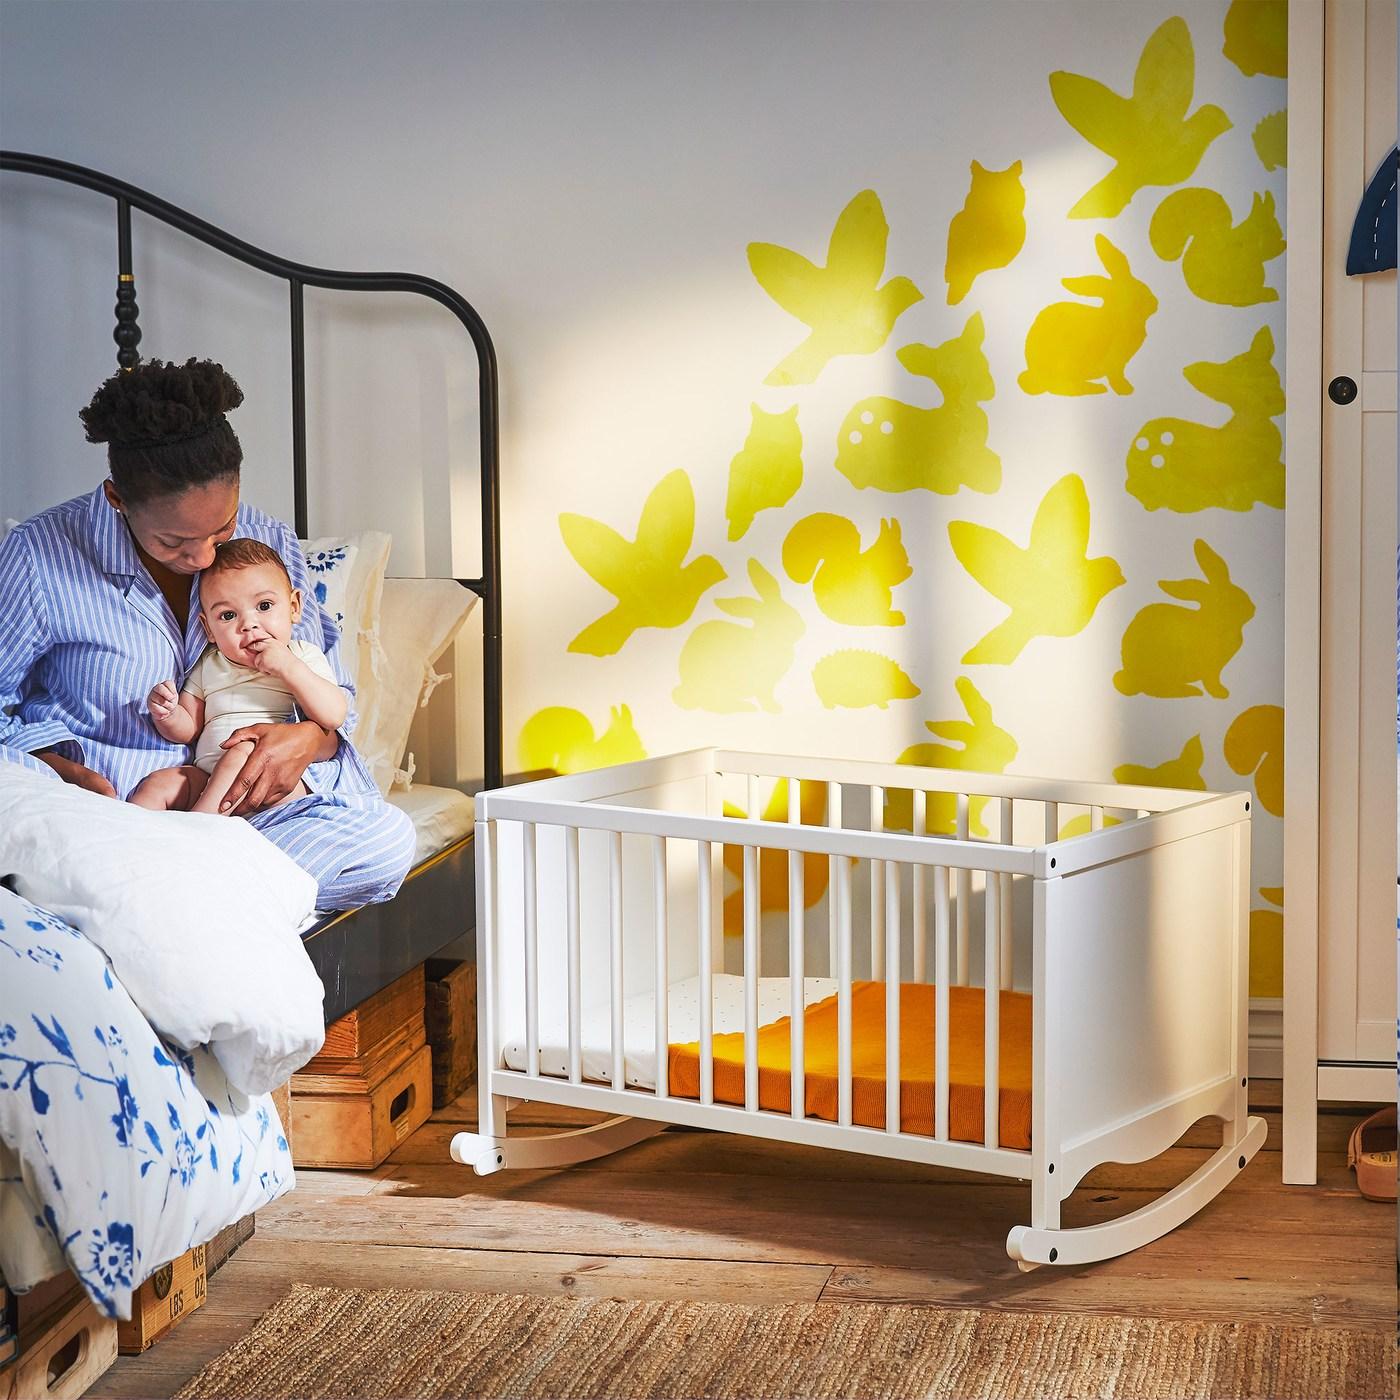 Ikea La De En Cunas Para Vida Hoy AntiguasDiseñada Inspirada Las kZiuXP